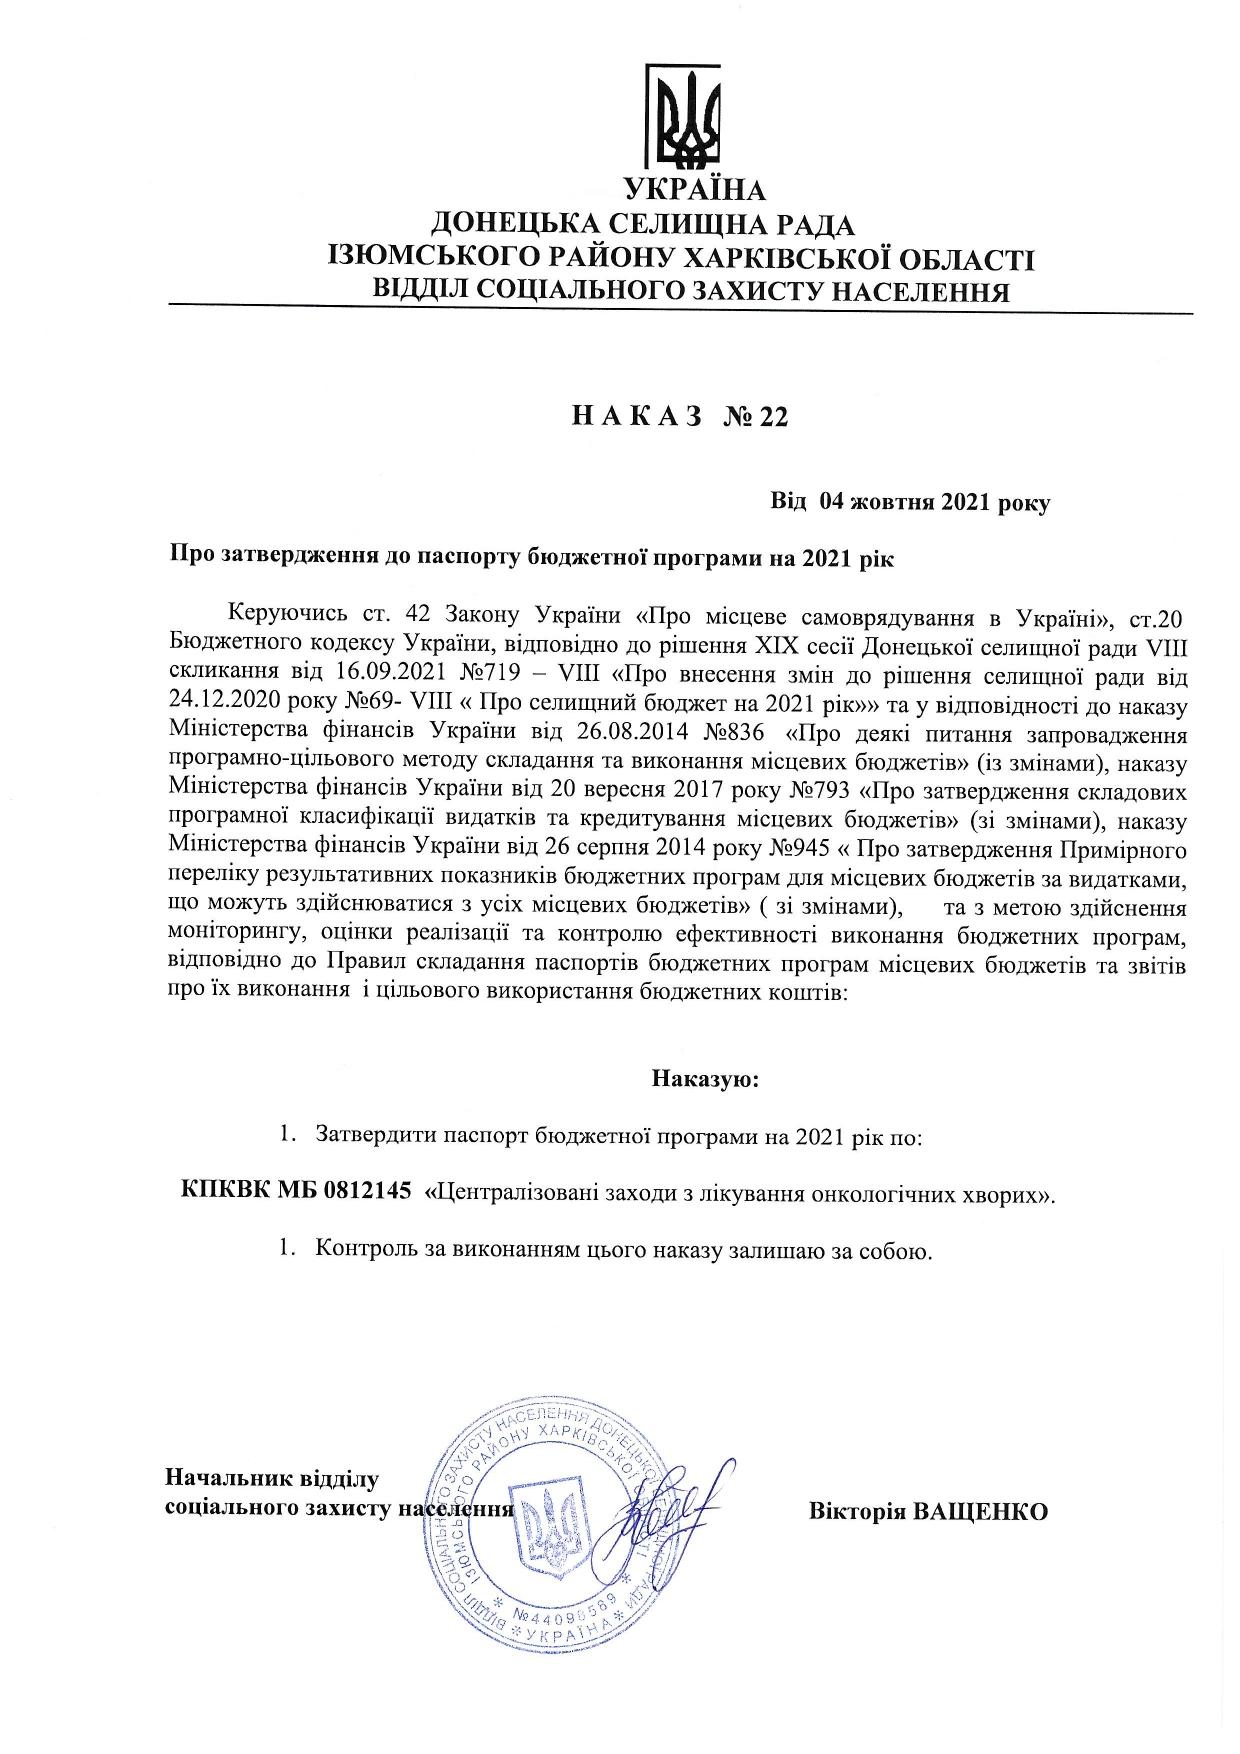 Наказ №22 від 04 жовтня 2021року Про затвердження до паспорту бюджетної програми на 2021 рік